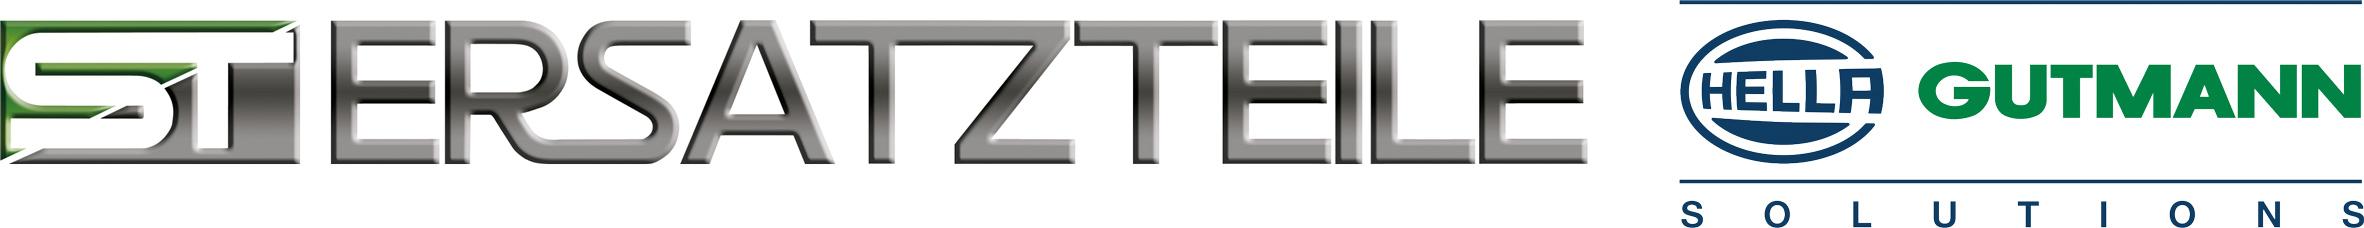 ST-Ersatzteile KG-Logo